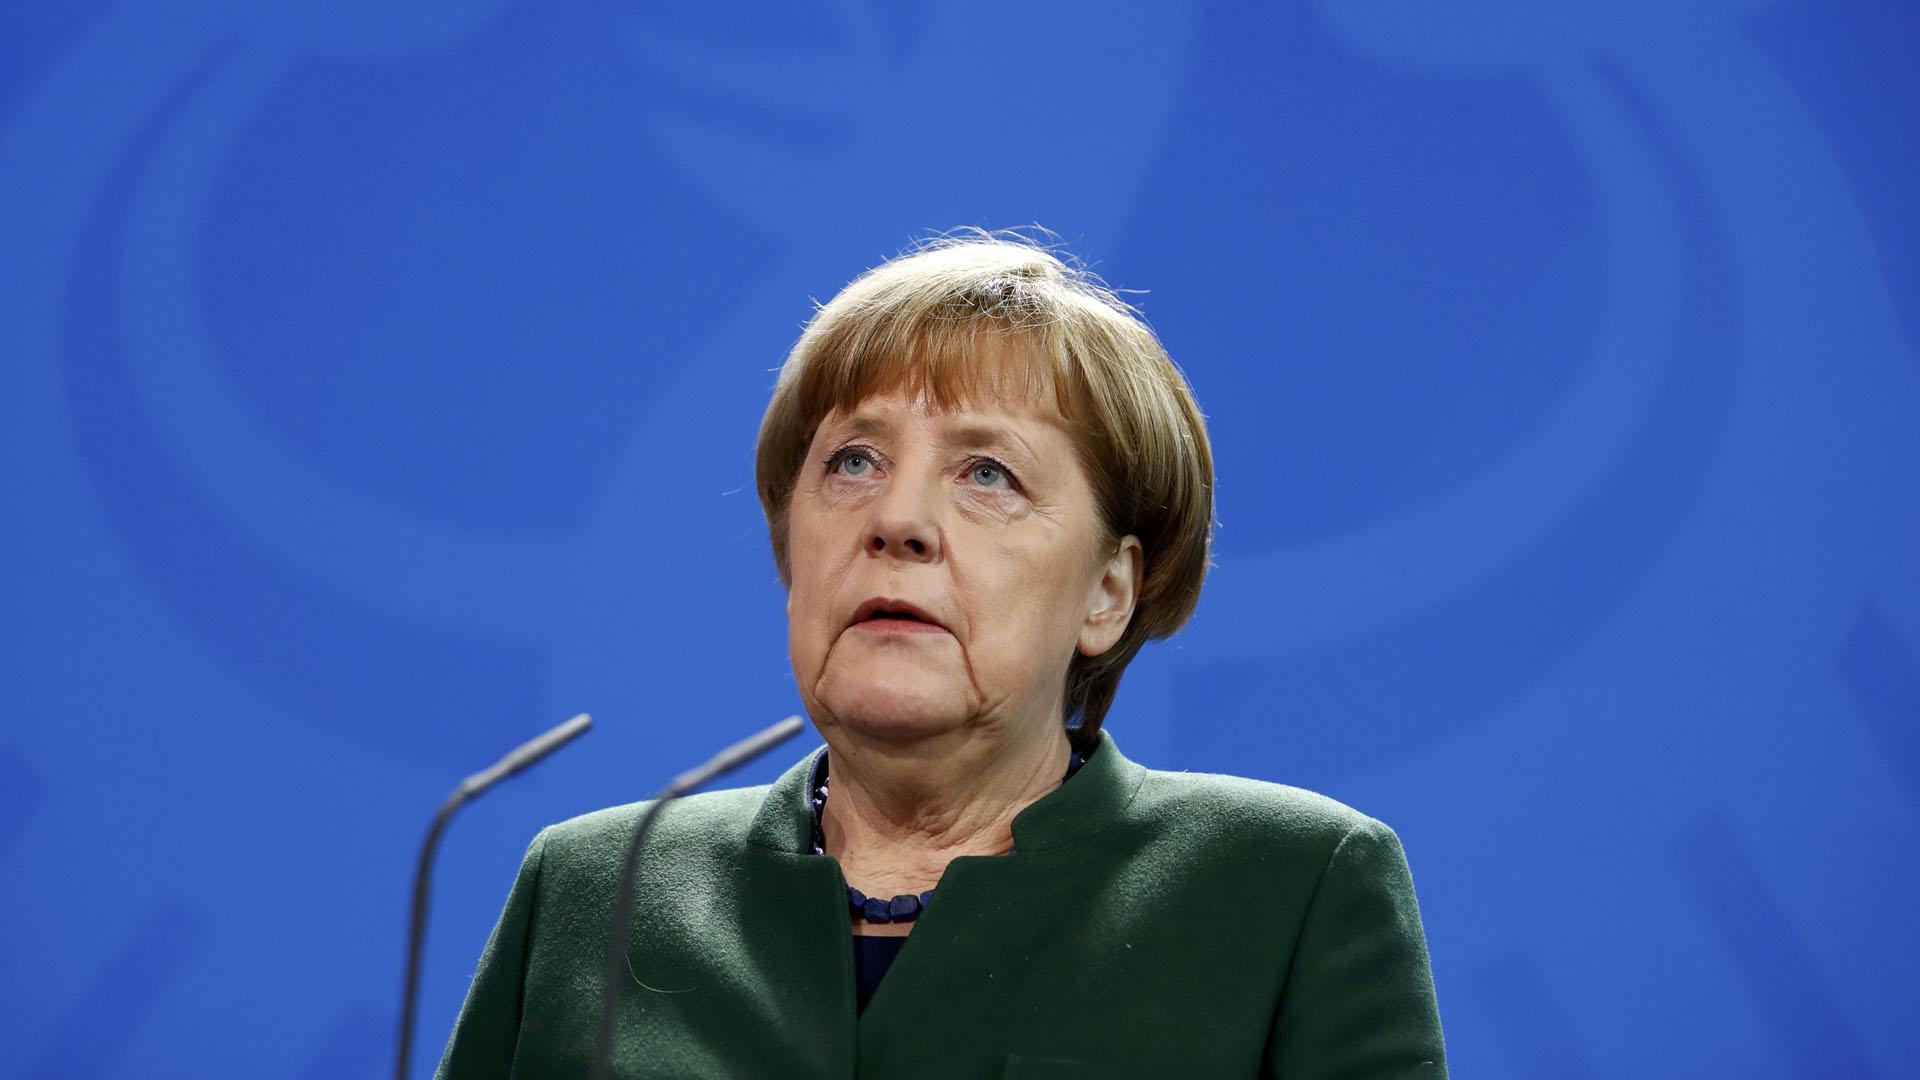 La canciller alemana expresó que se deben tener en cuenta los intereses de Europa y América Latina